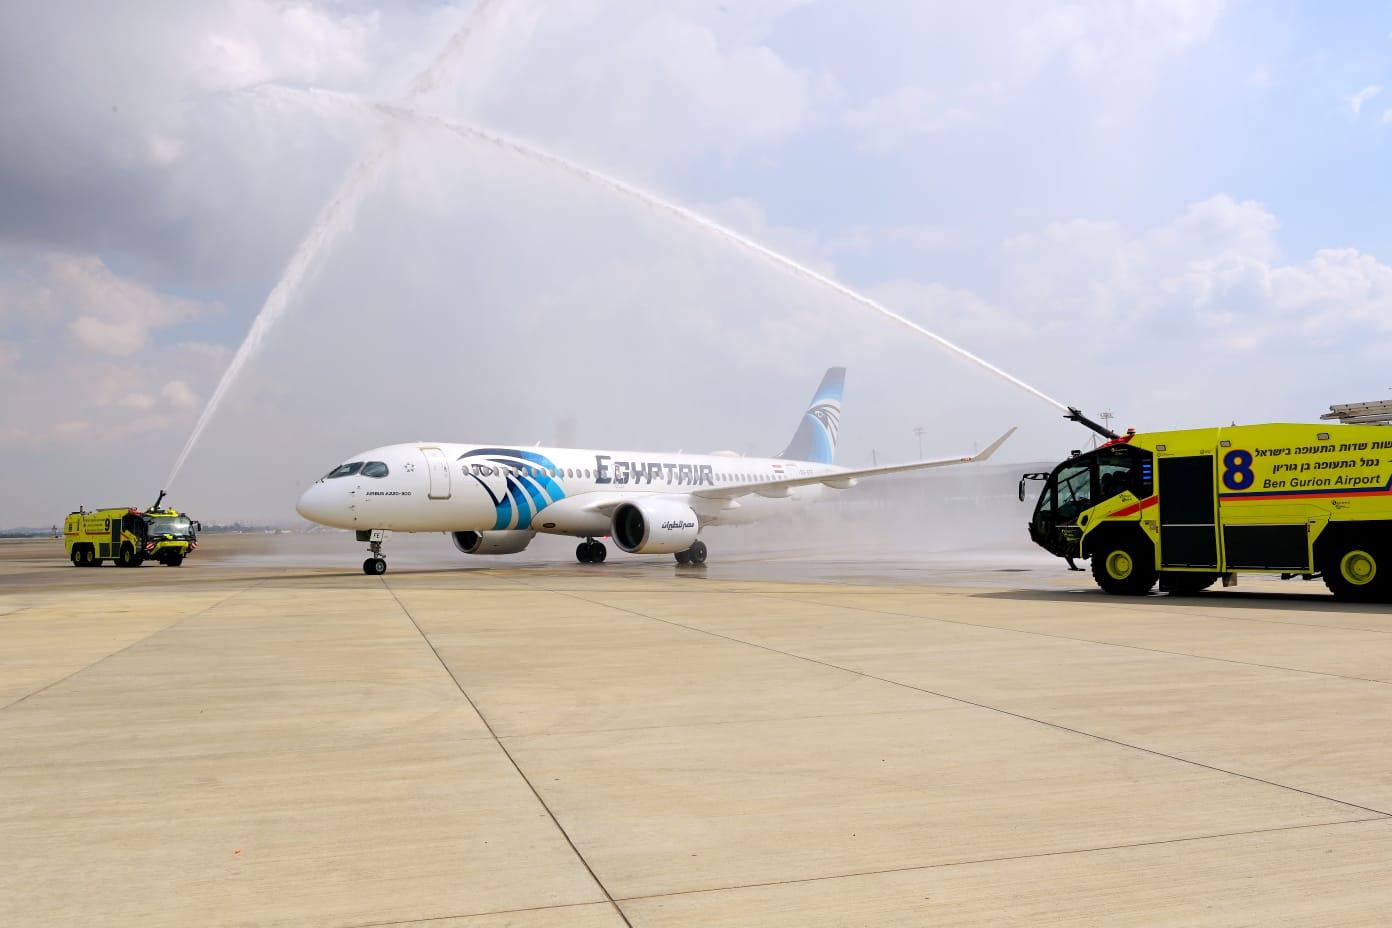 Sikeresen landolt a Ben Gurionon az EgyptAir első Kairó-Tel-Aviv járata